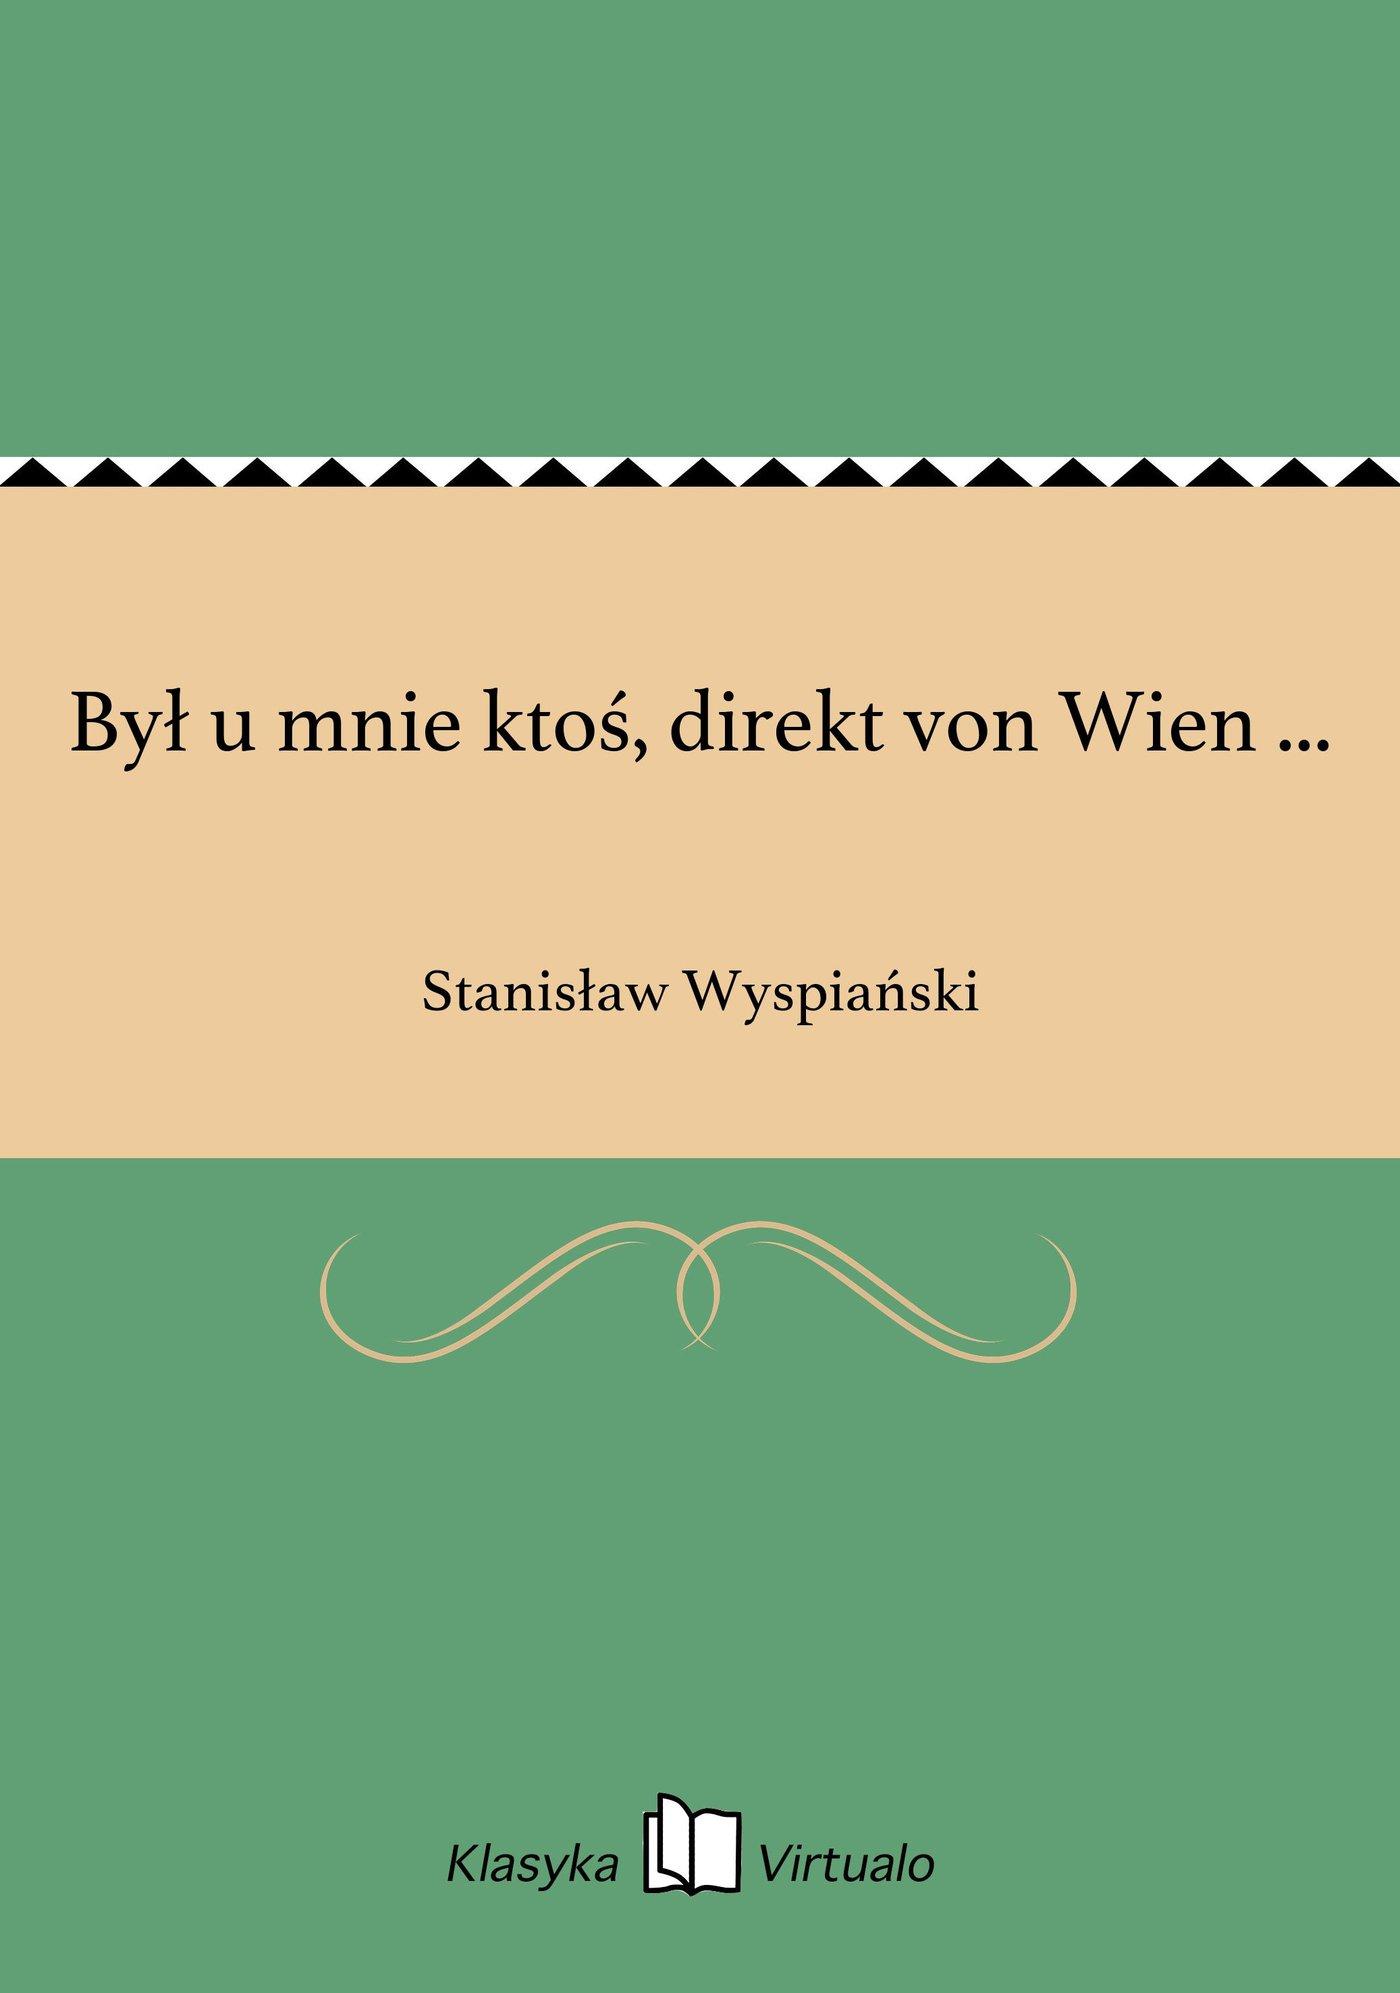 Był u mnie ktoś, direkt von Wien ... - Ebook (Książka na Kindle) do pobrania w formacie MOBI